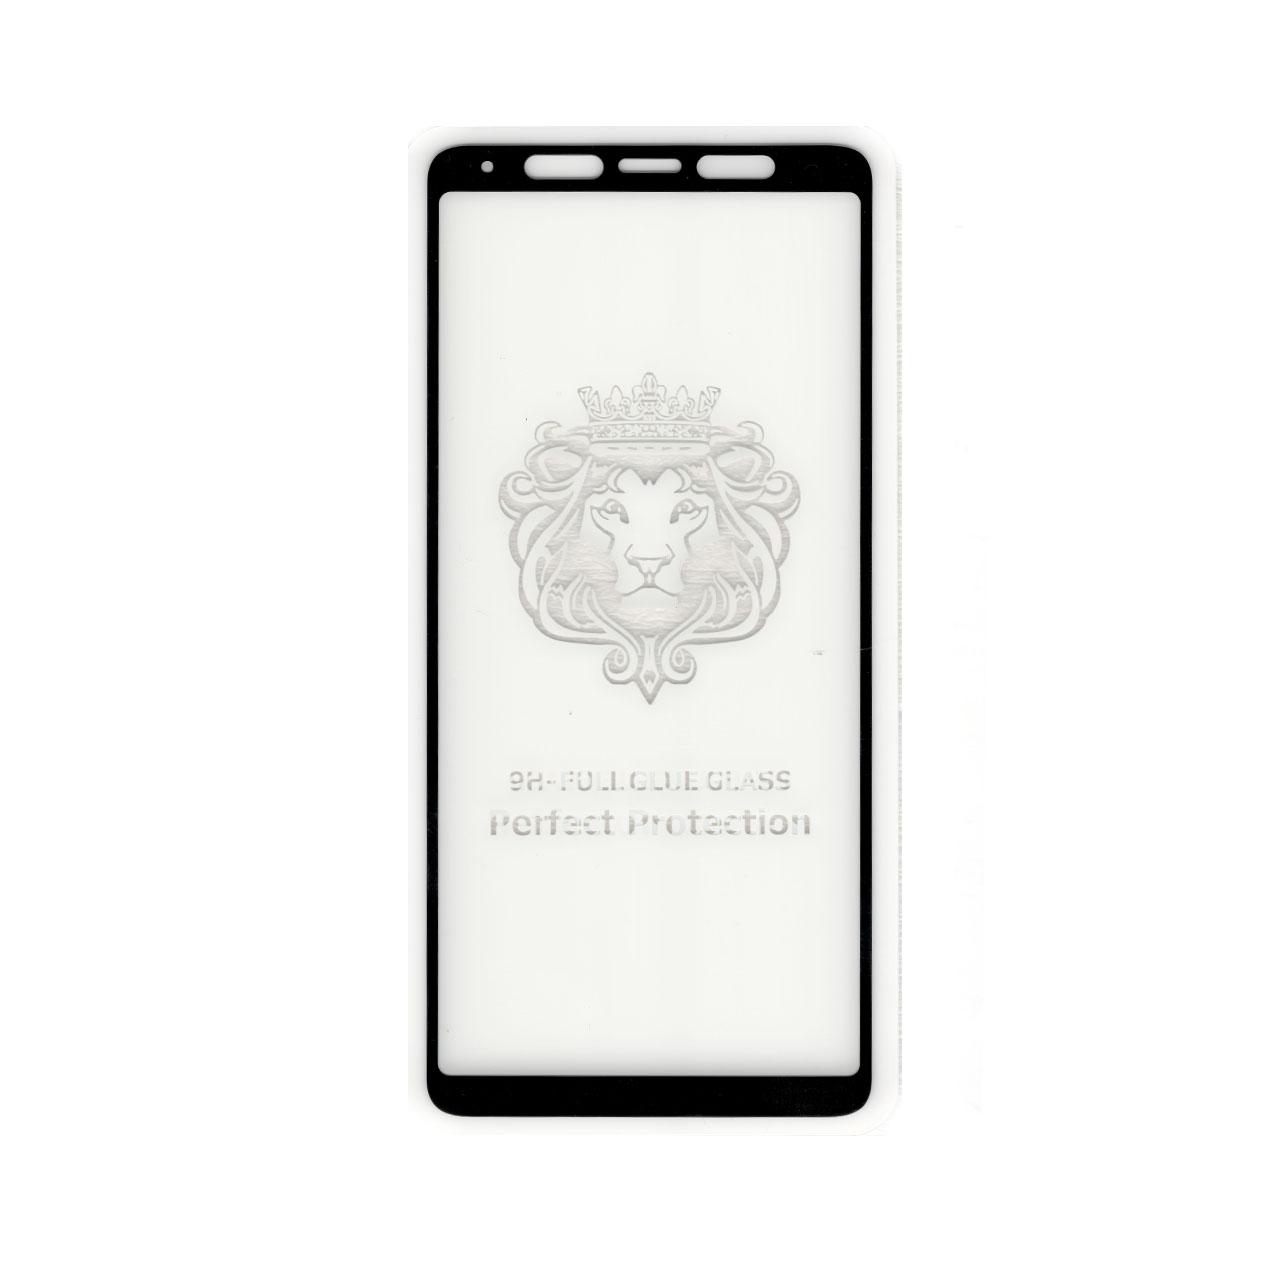 محافظ صفحه نمایش شیشه ای تمام چسب یوسمز مناسب برای گوشی موبایل سامسونگ Galaxy A7/A750 2018